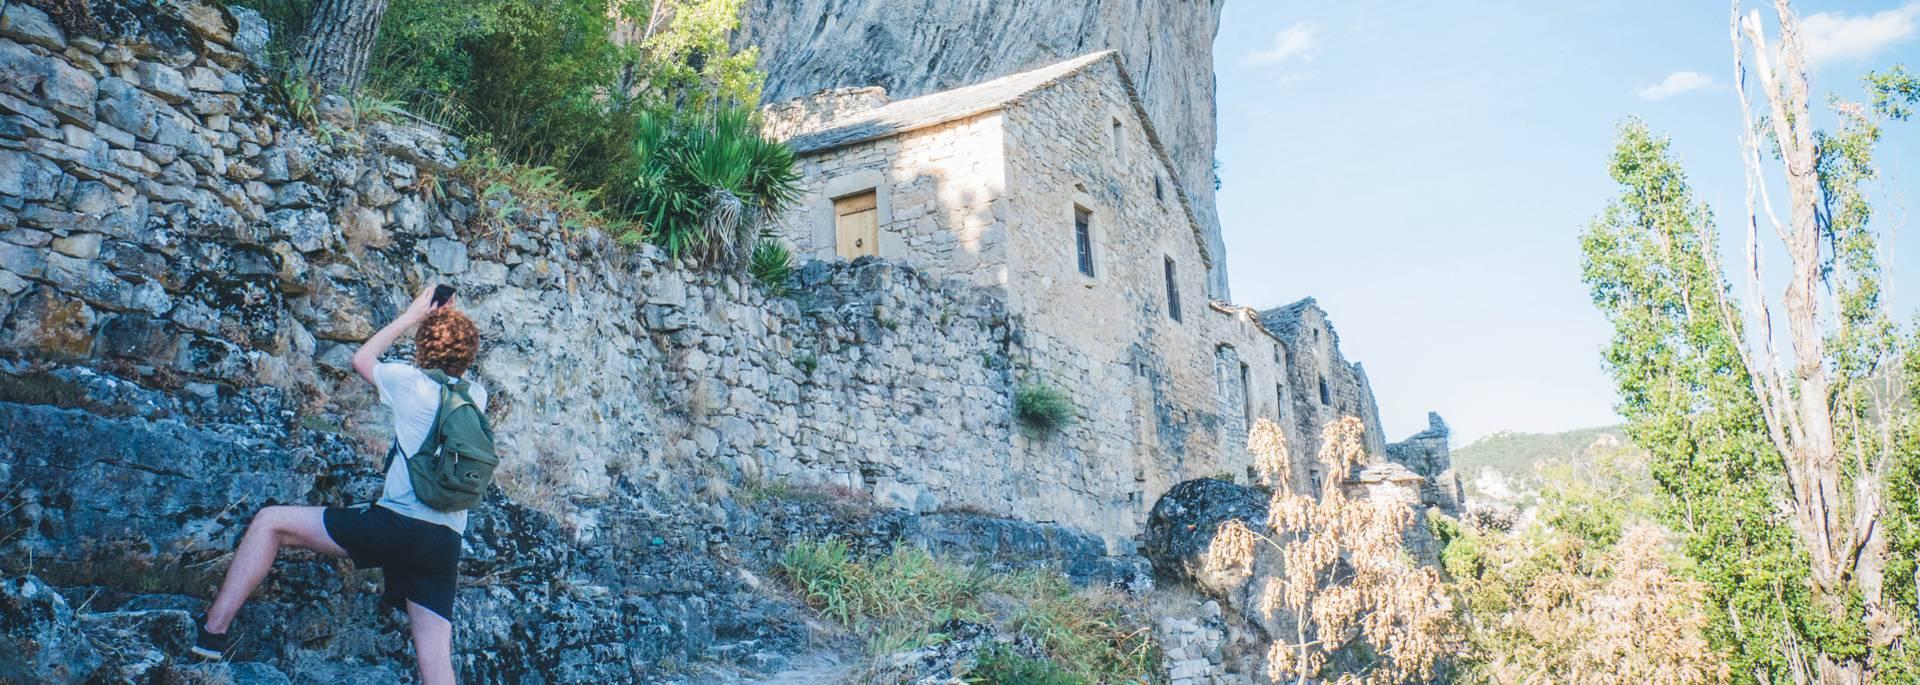 Eglazines, corniches des gorges du Tarn